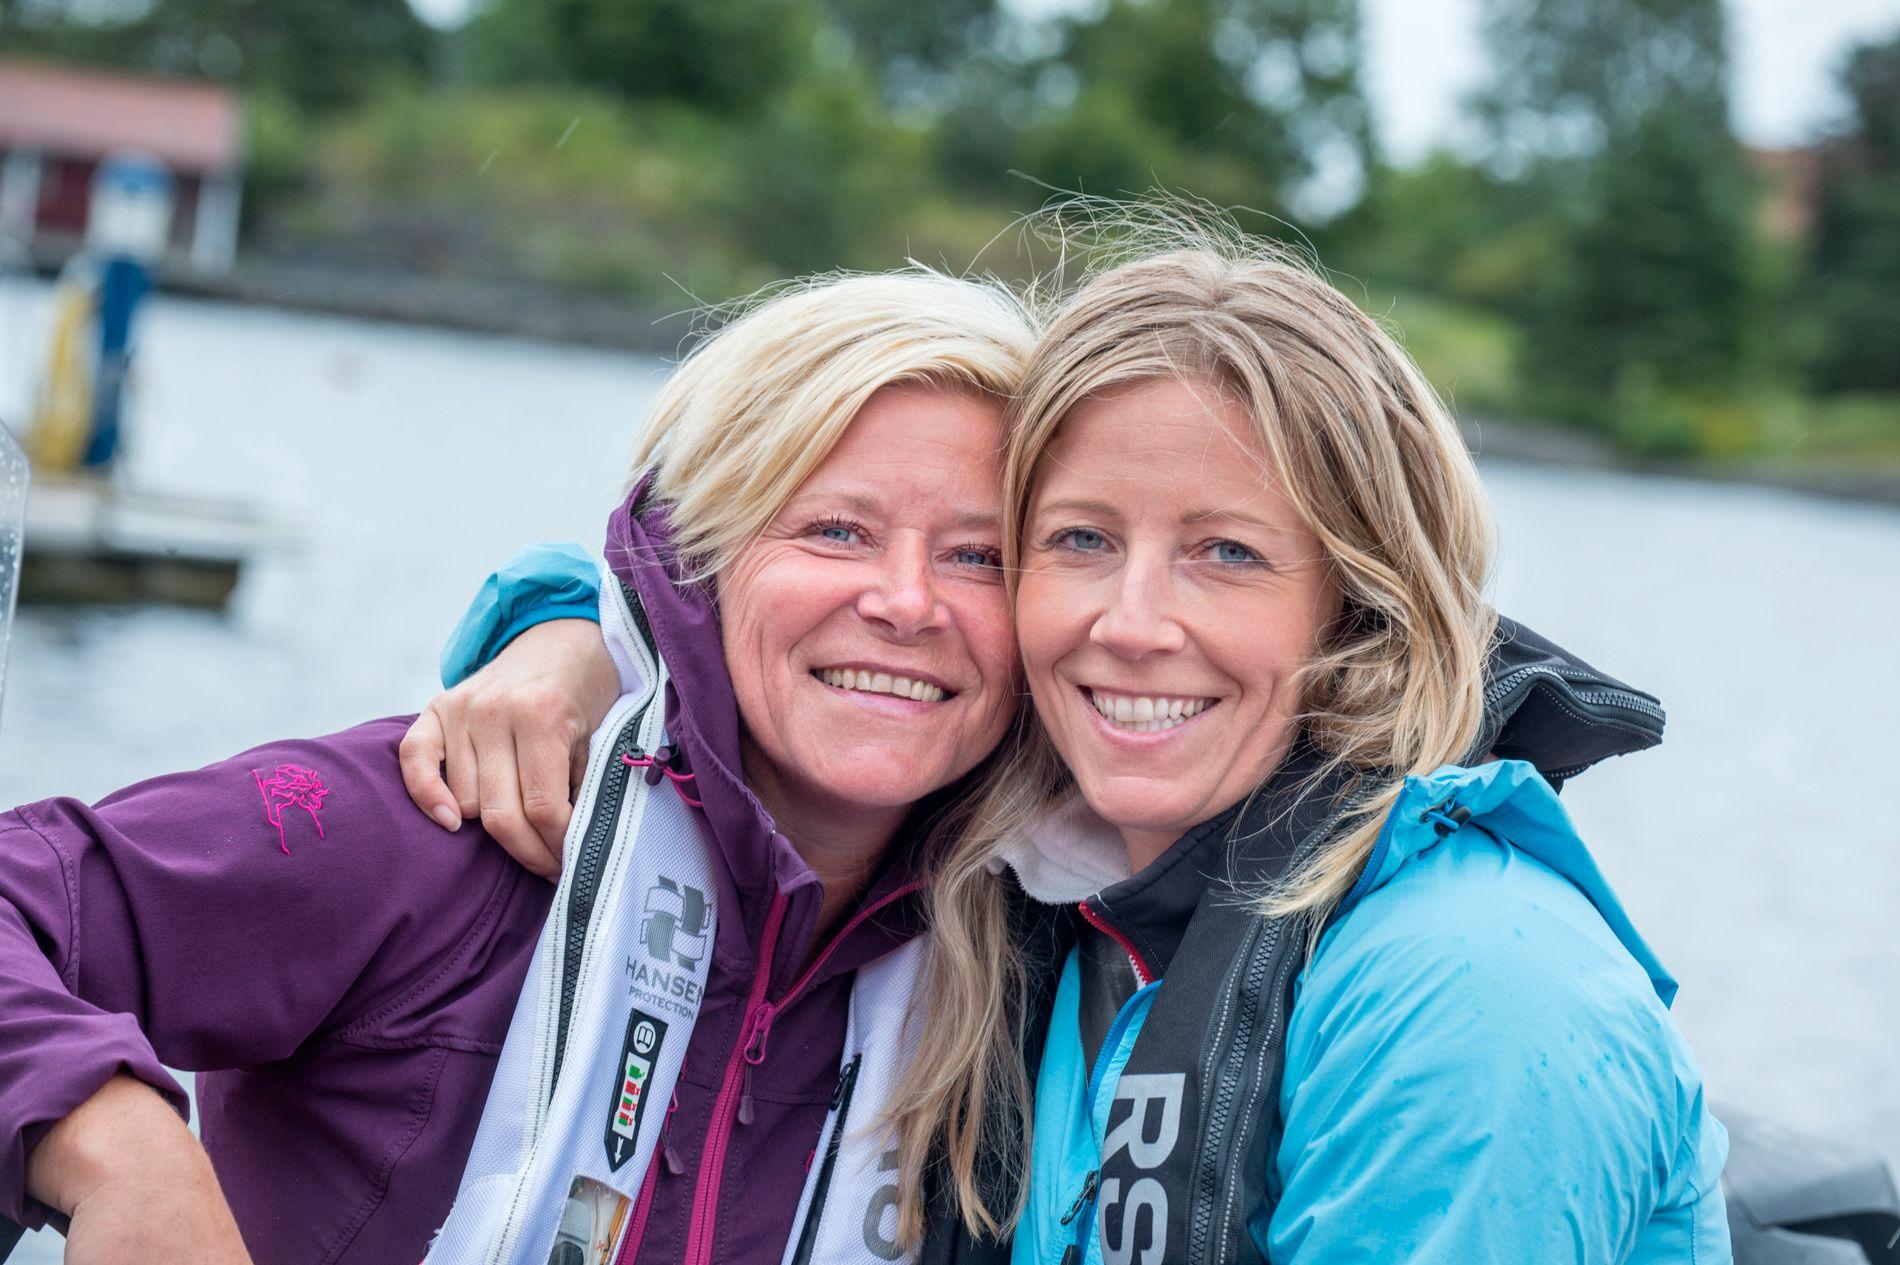 SØSTRE: Frp-leder og finansminister Siv Jensen med søsteren og WWF-sjef Nina Jensen.